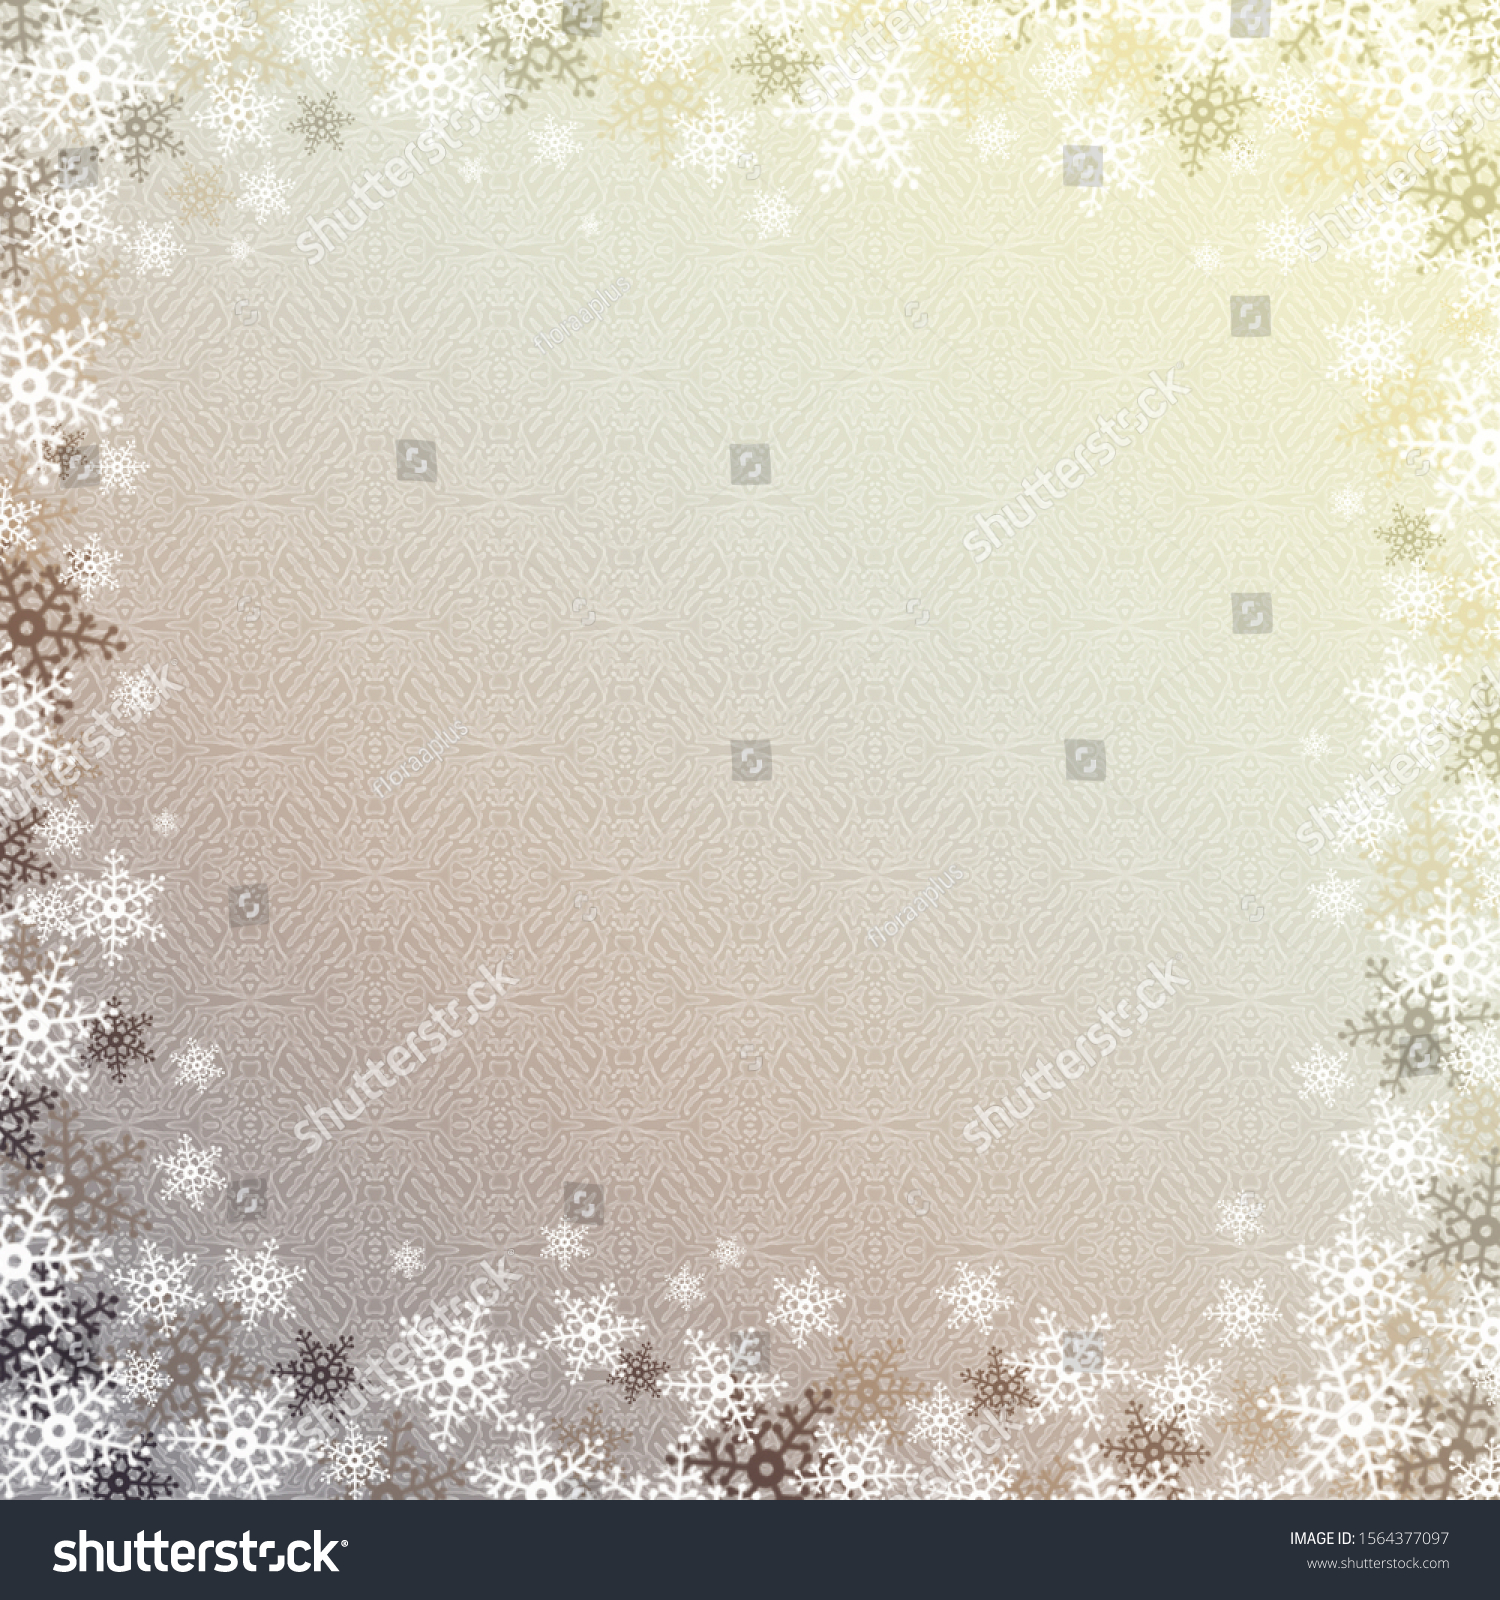 stock-photo-vintage-snowflakes-gray-beig